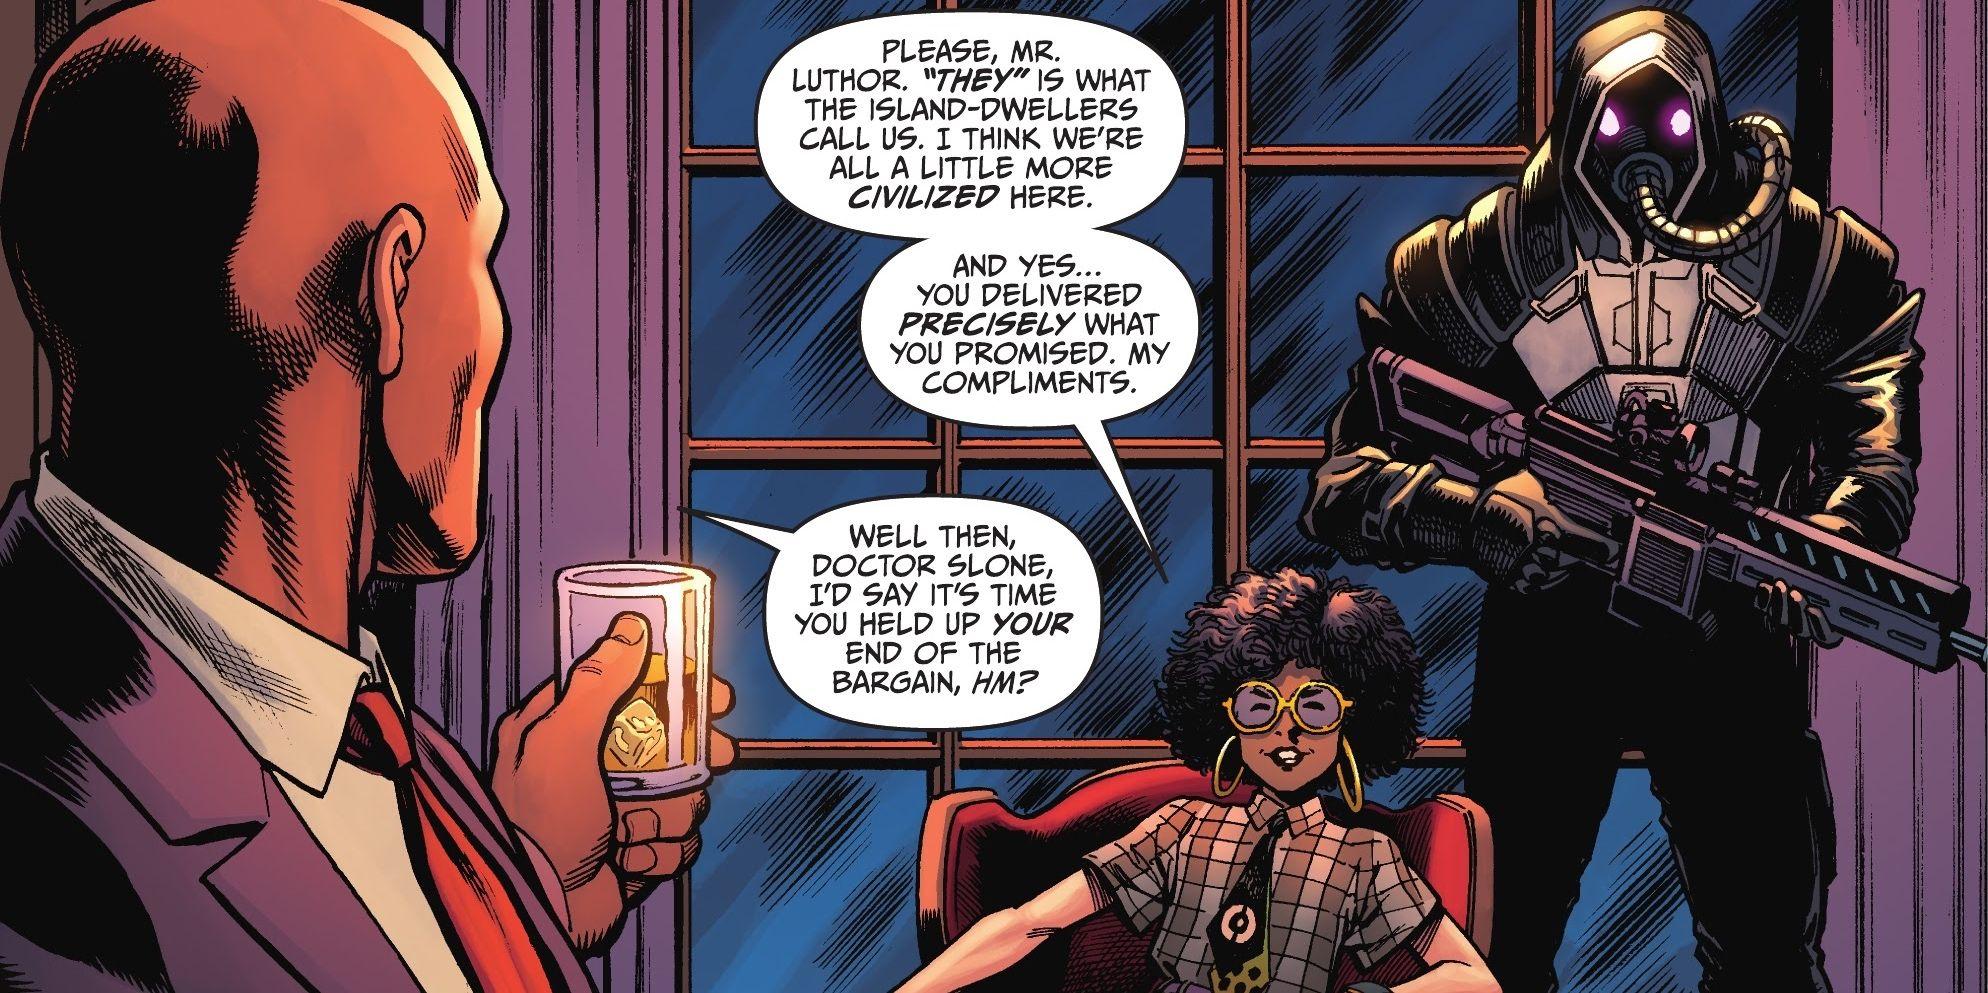 Batman revela a origem secreta do novo vilão Fortnite ,a Doutora Slones 1